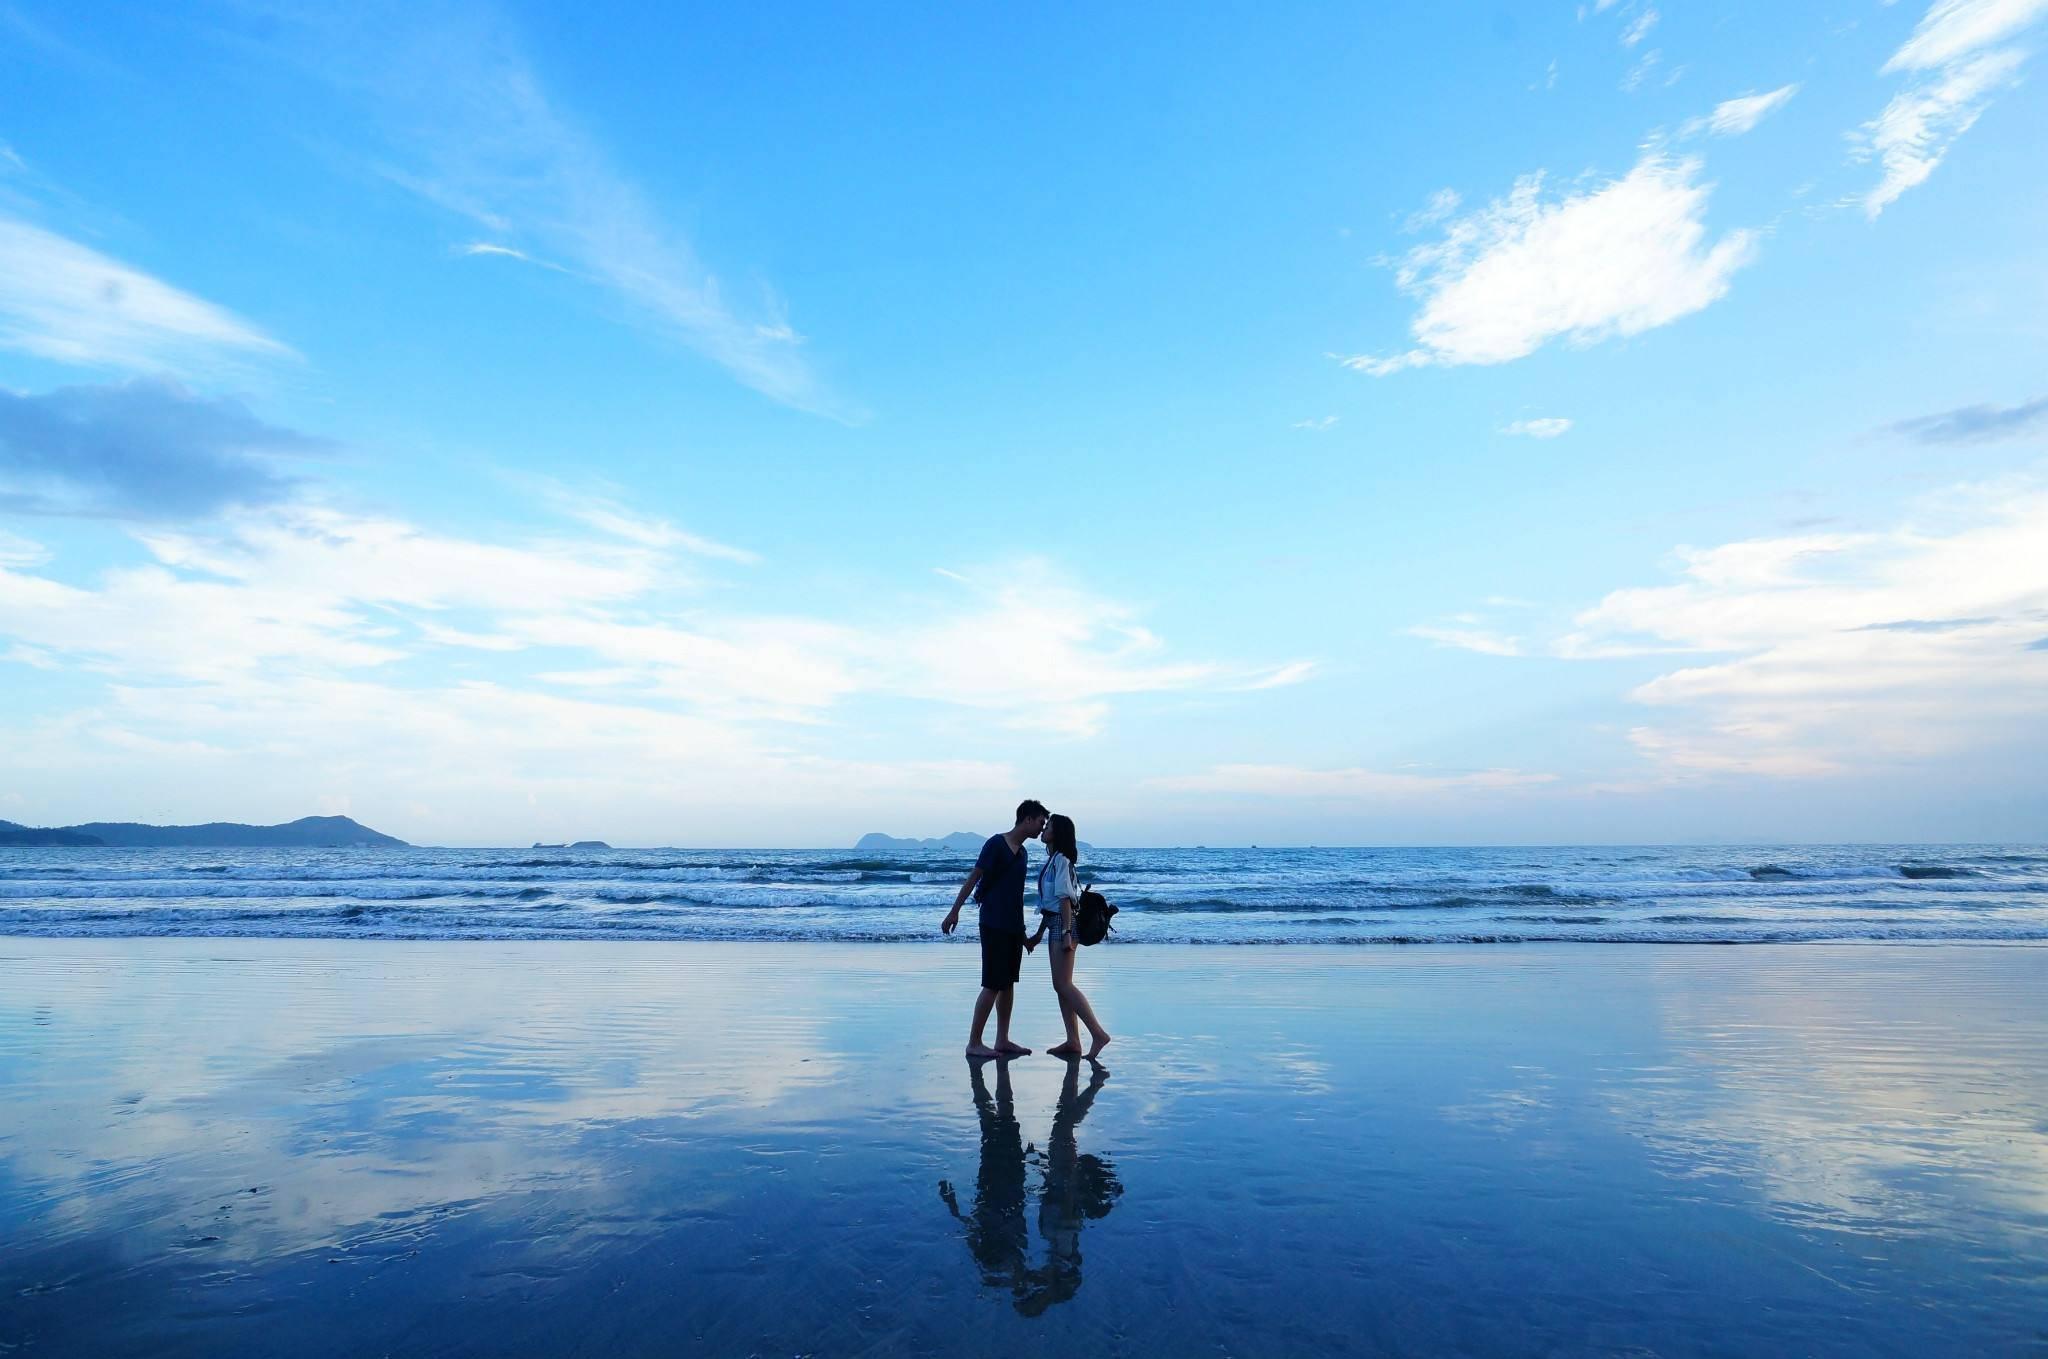 【天天出发】惠州巽寮湾、双月湾2天单跟车位,仅69元/人=往返车接送,不报对不起自己,携手畅游沙滩、观沙滩浪漫日出,9月天天出发,平日周末同价~